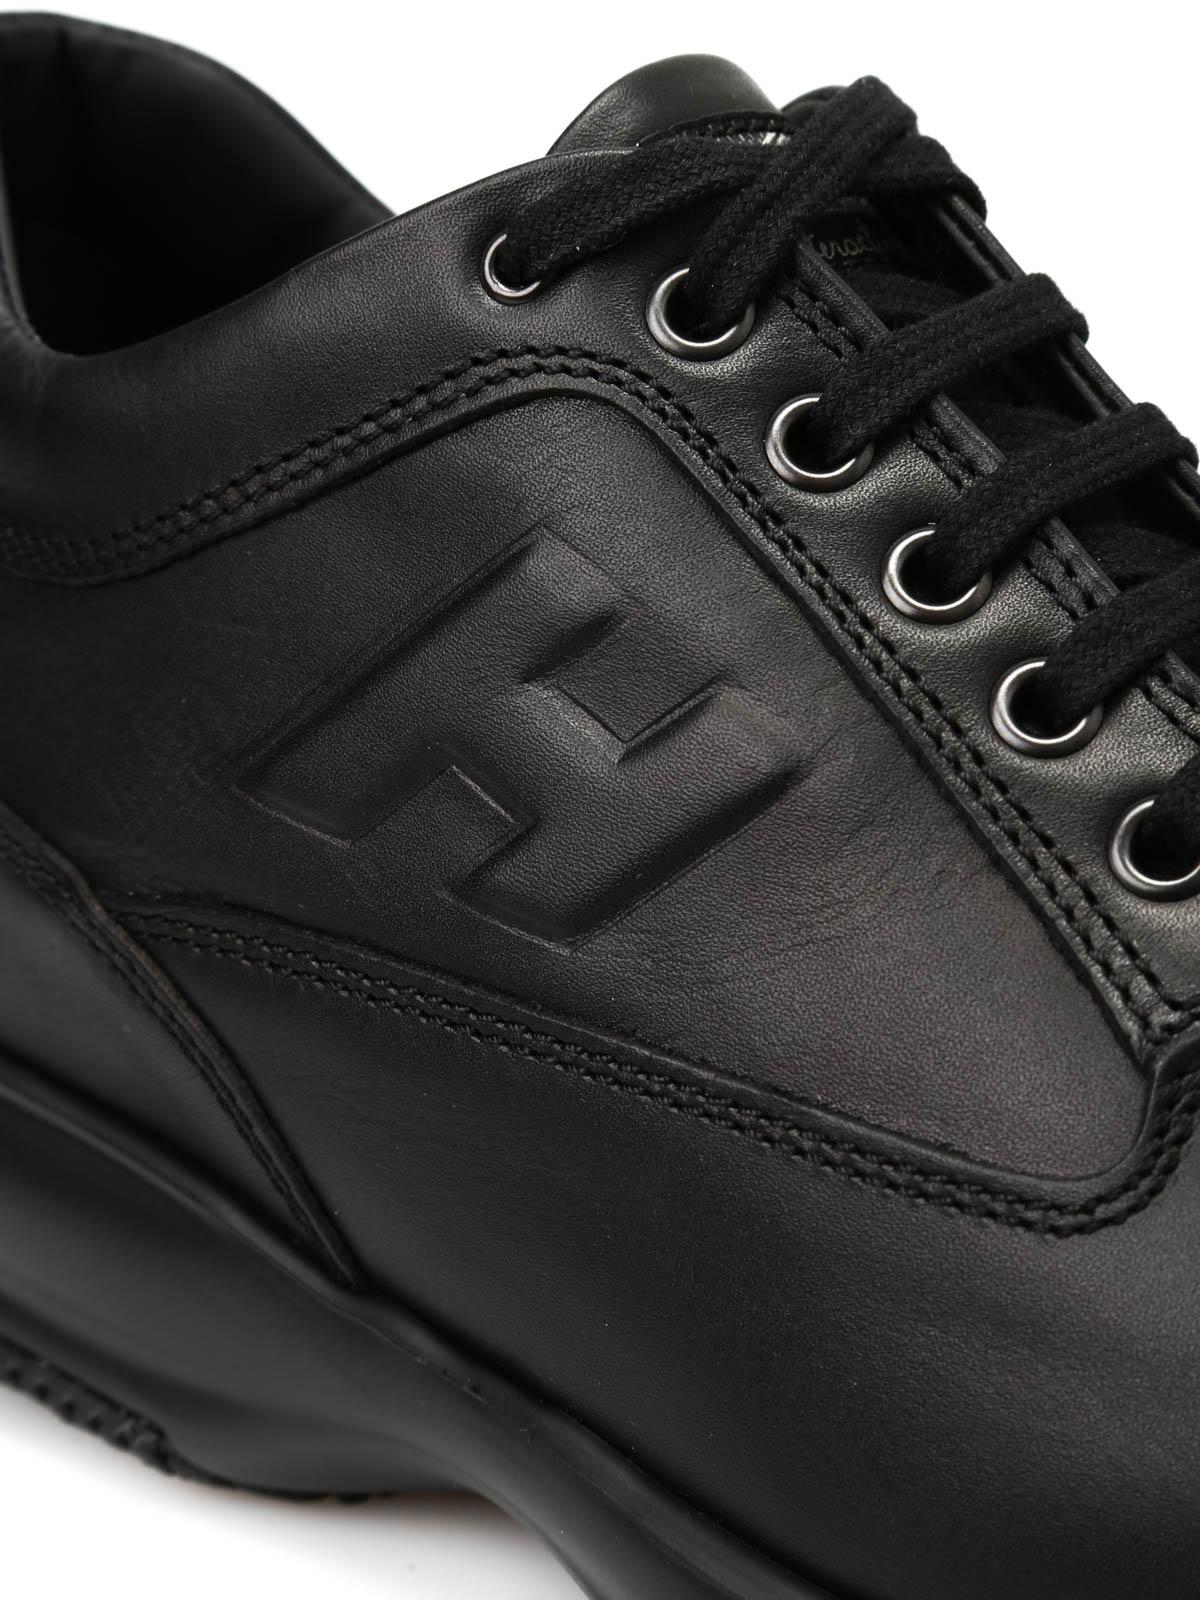 Sneakers Hogan - Interactive con H in rilievo - HXM00N09042DSVB999